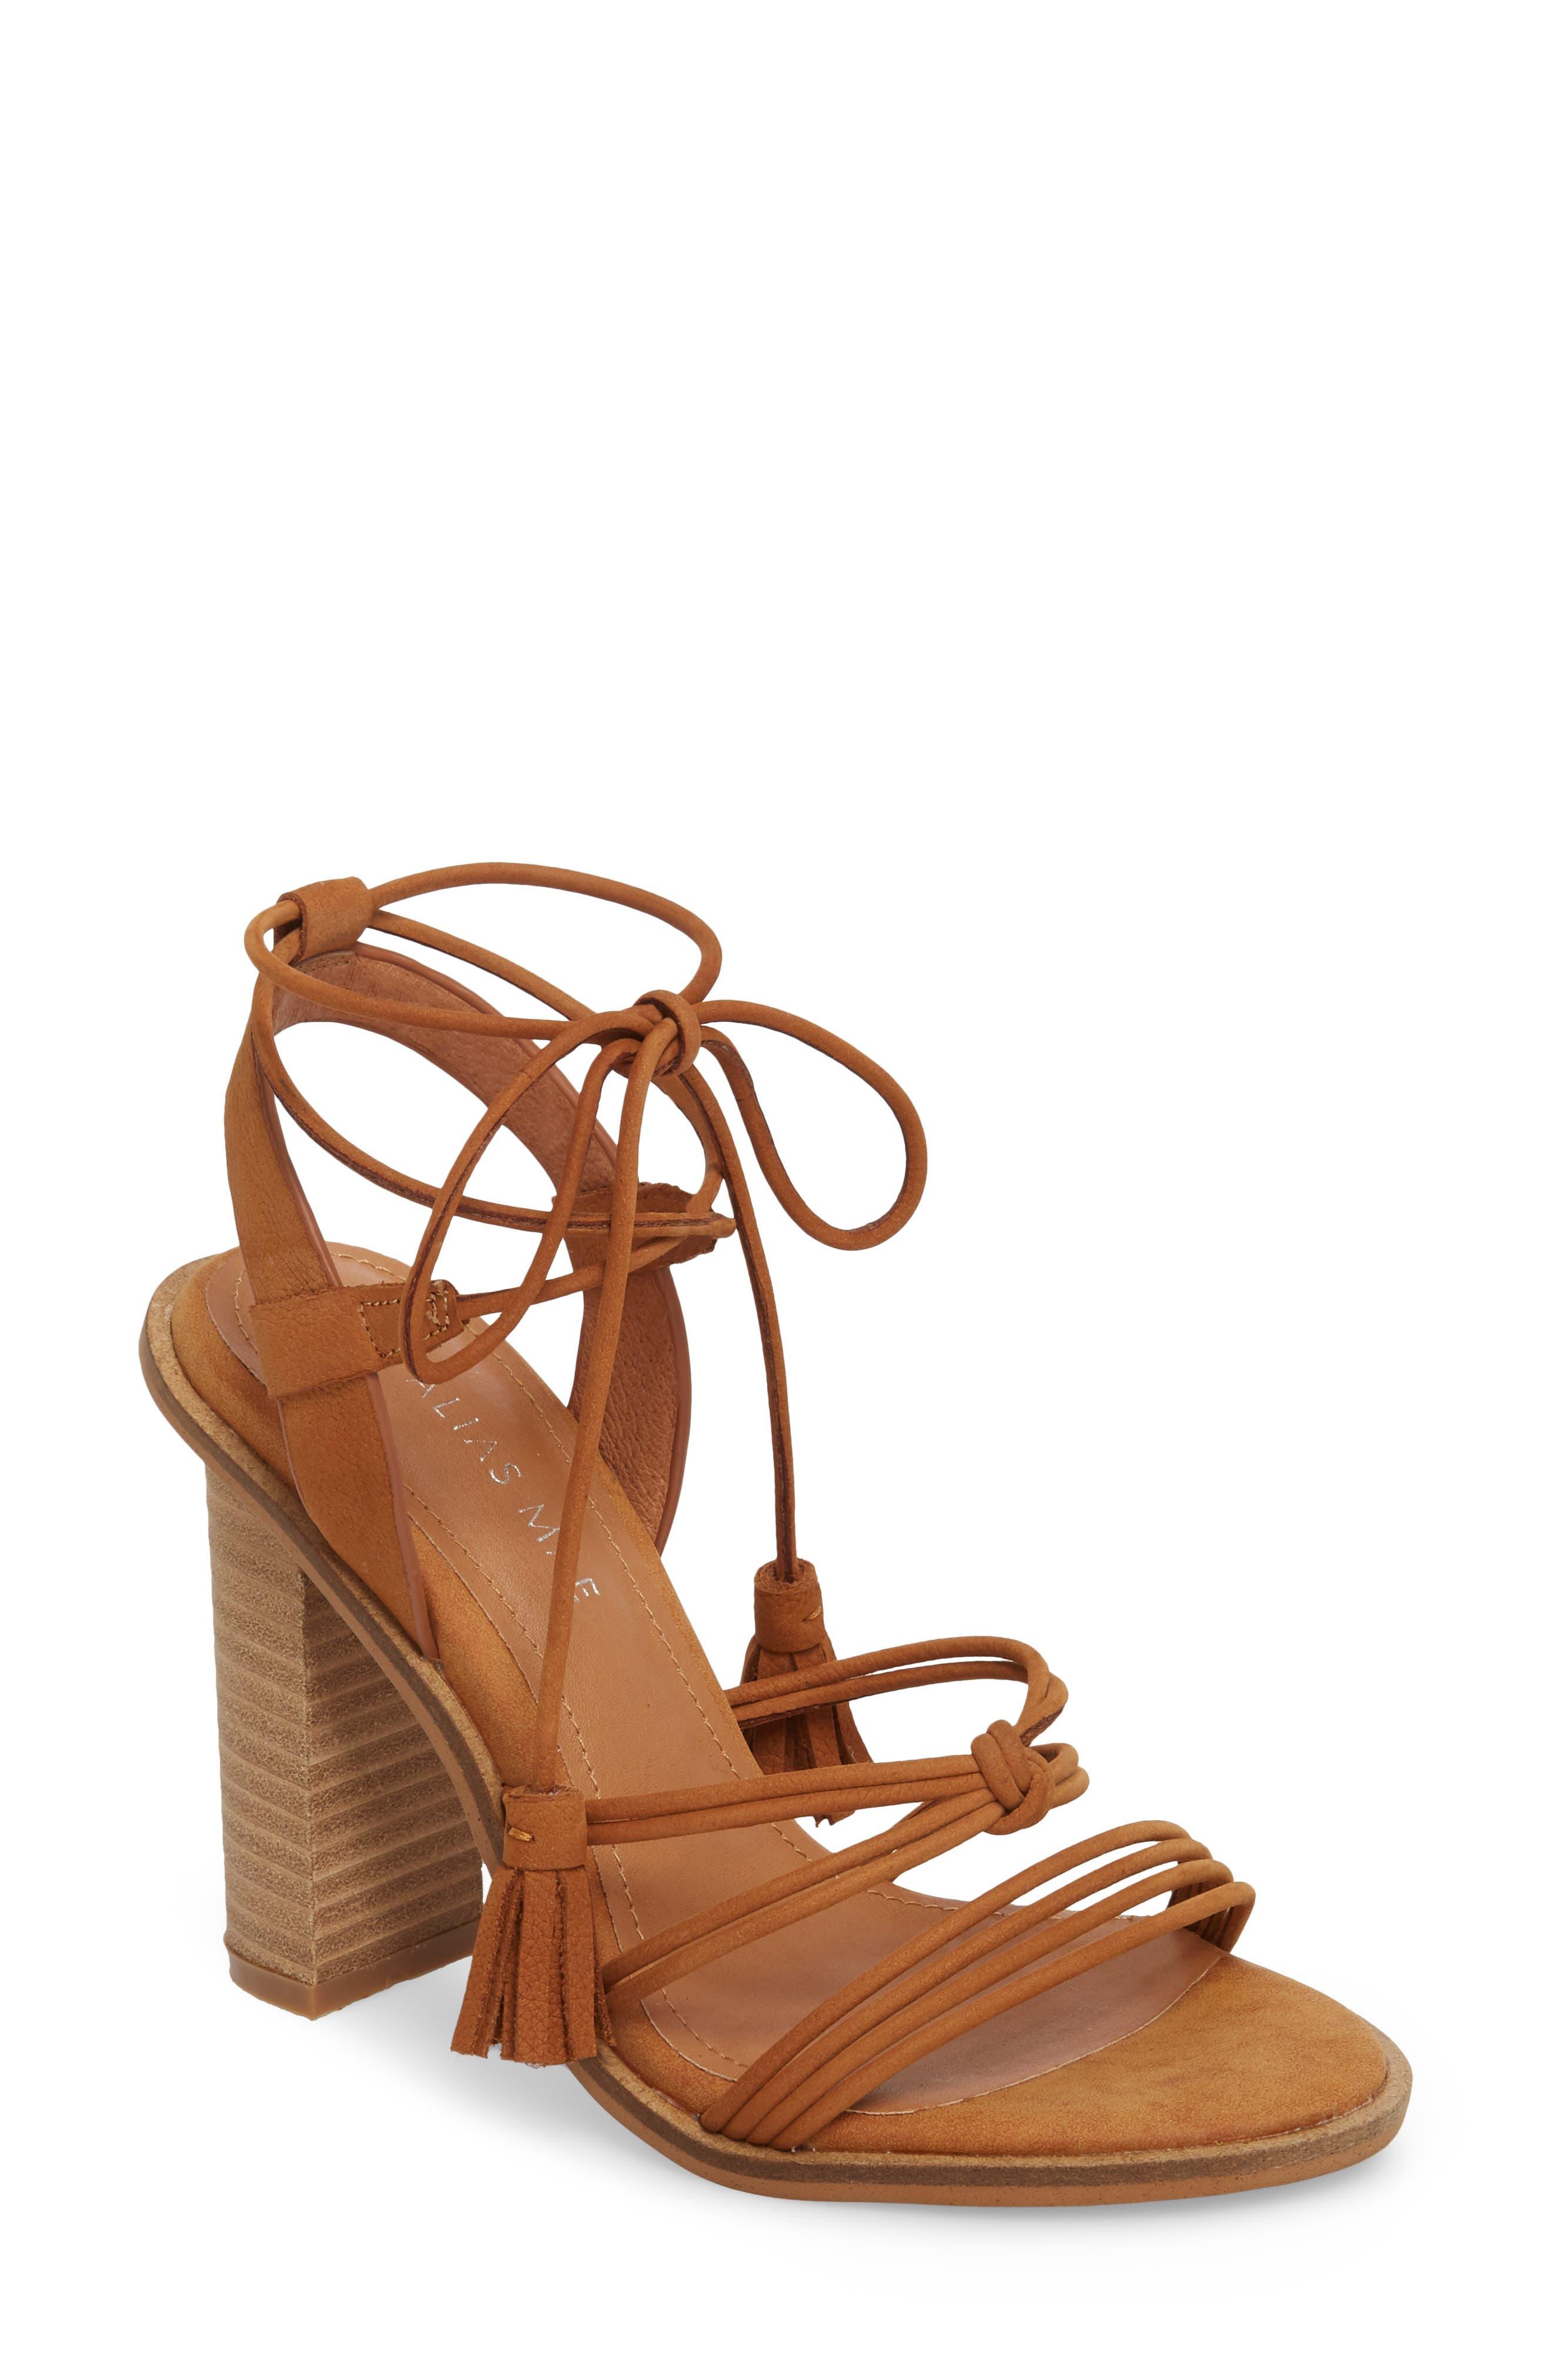 Adagio Sandal,                         Main,                         color, Tan Leather